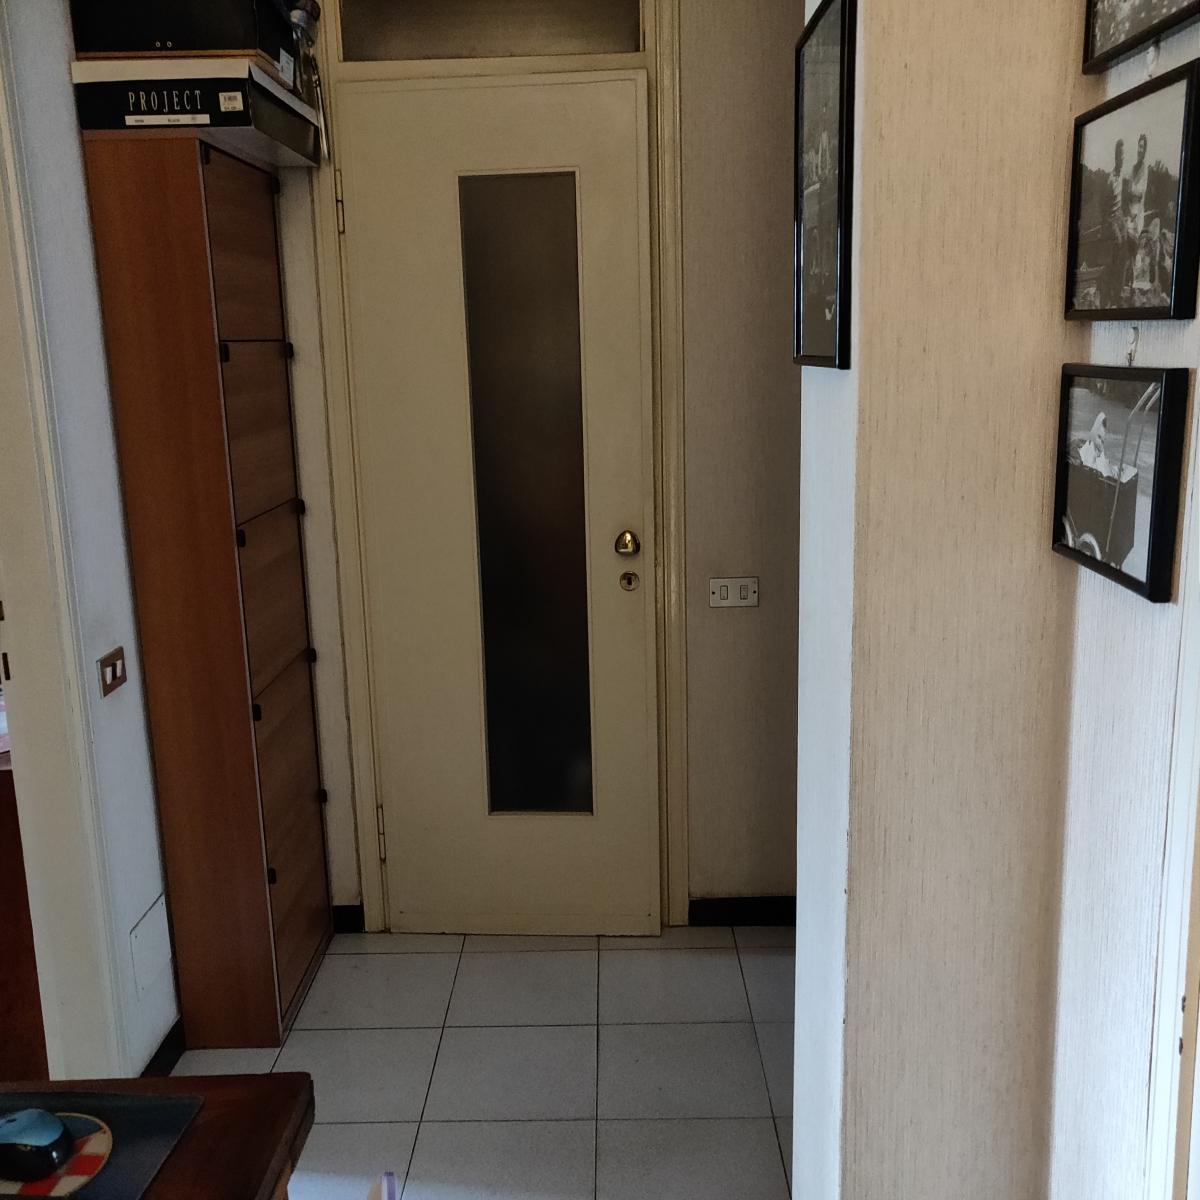 appartamento-in-vendita-baggio-via-gianella-3-locali-spaziourbano-immobiliare-vende-6